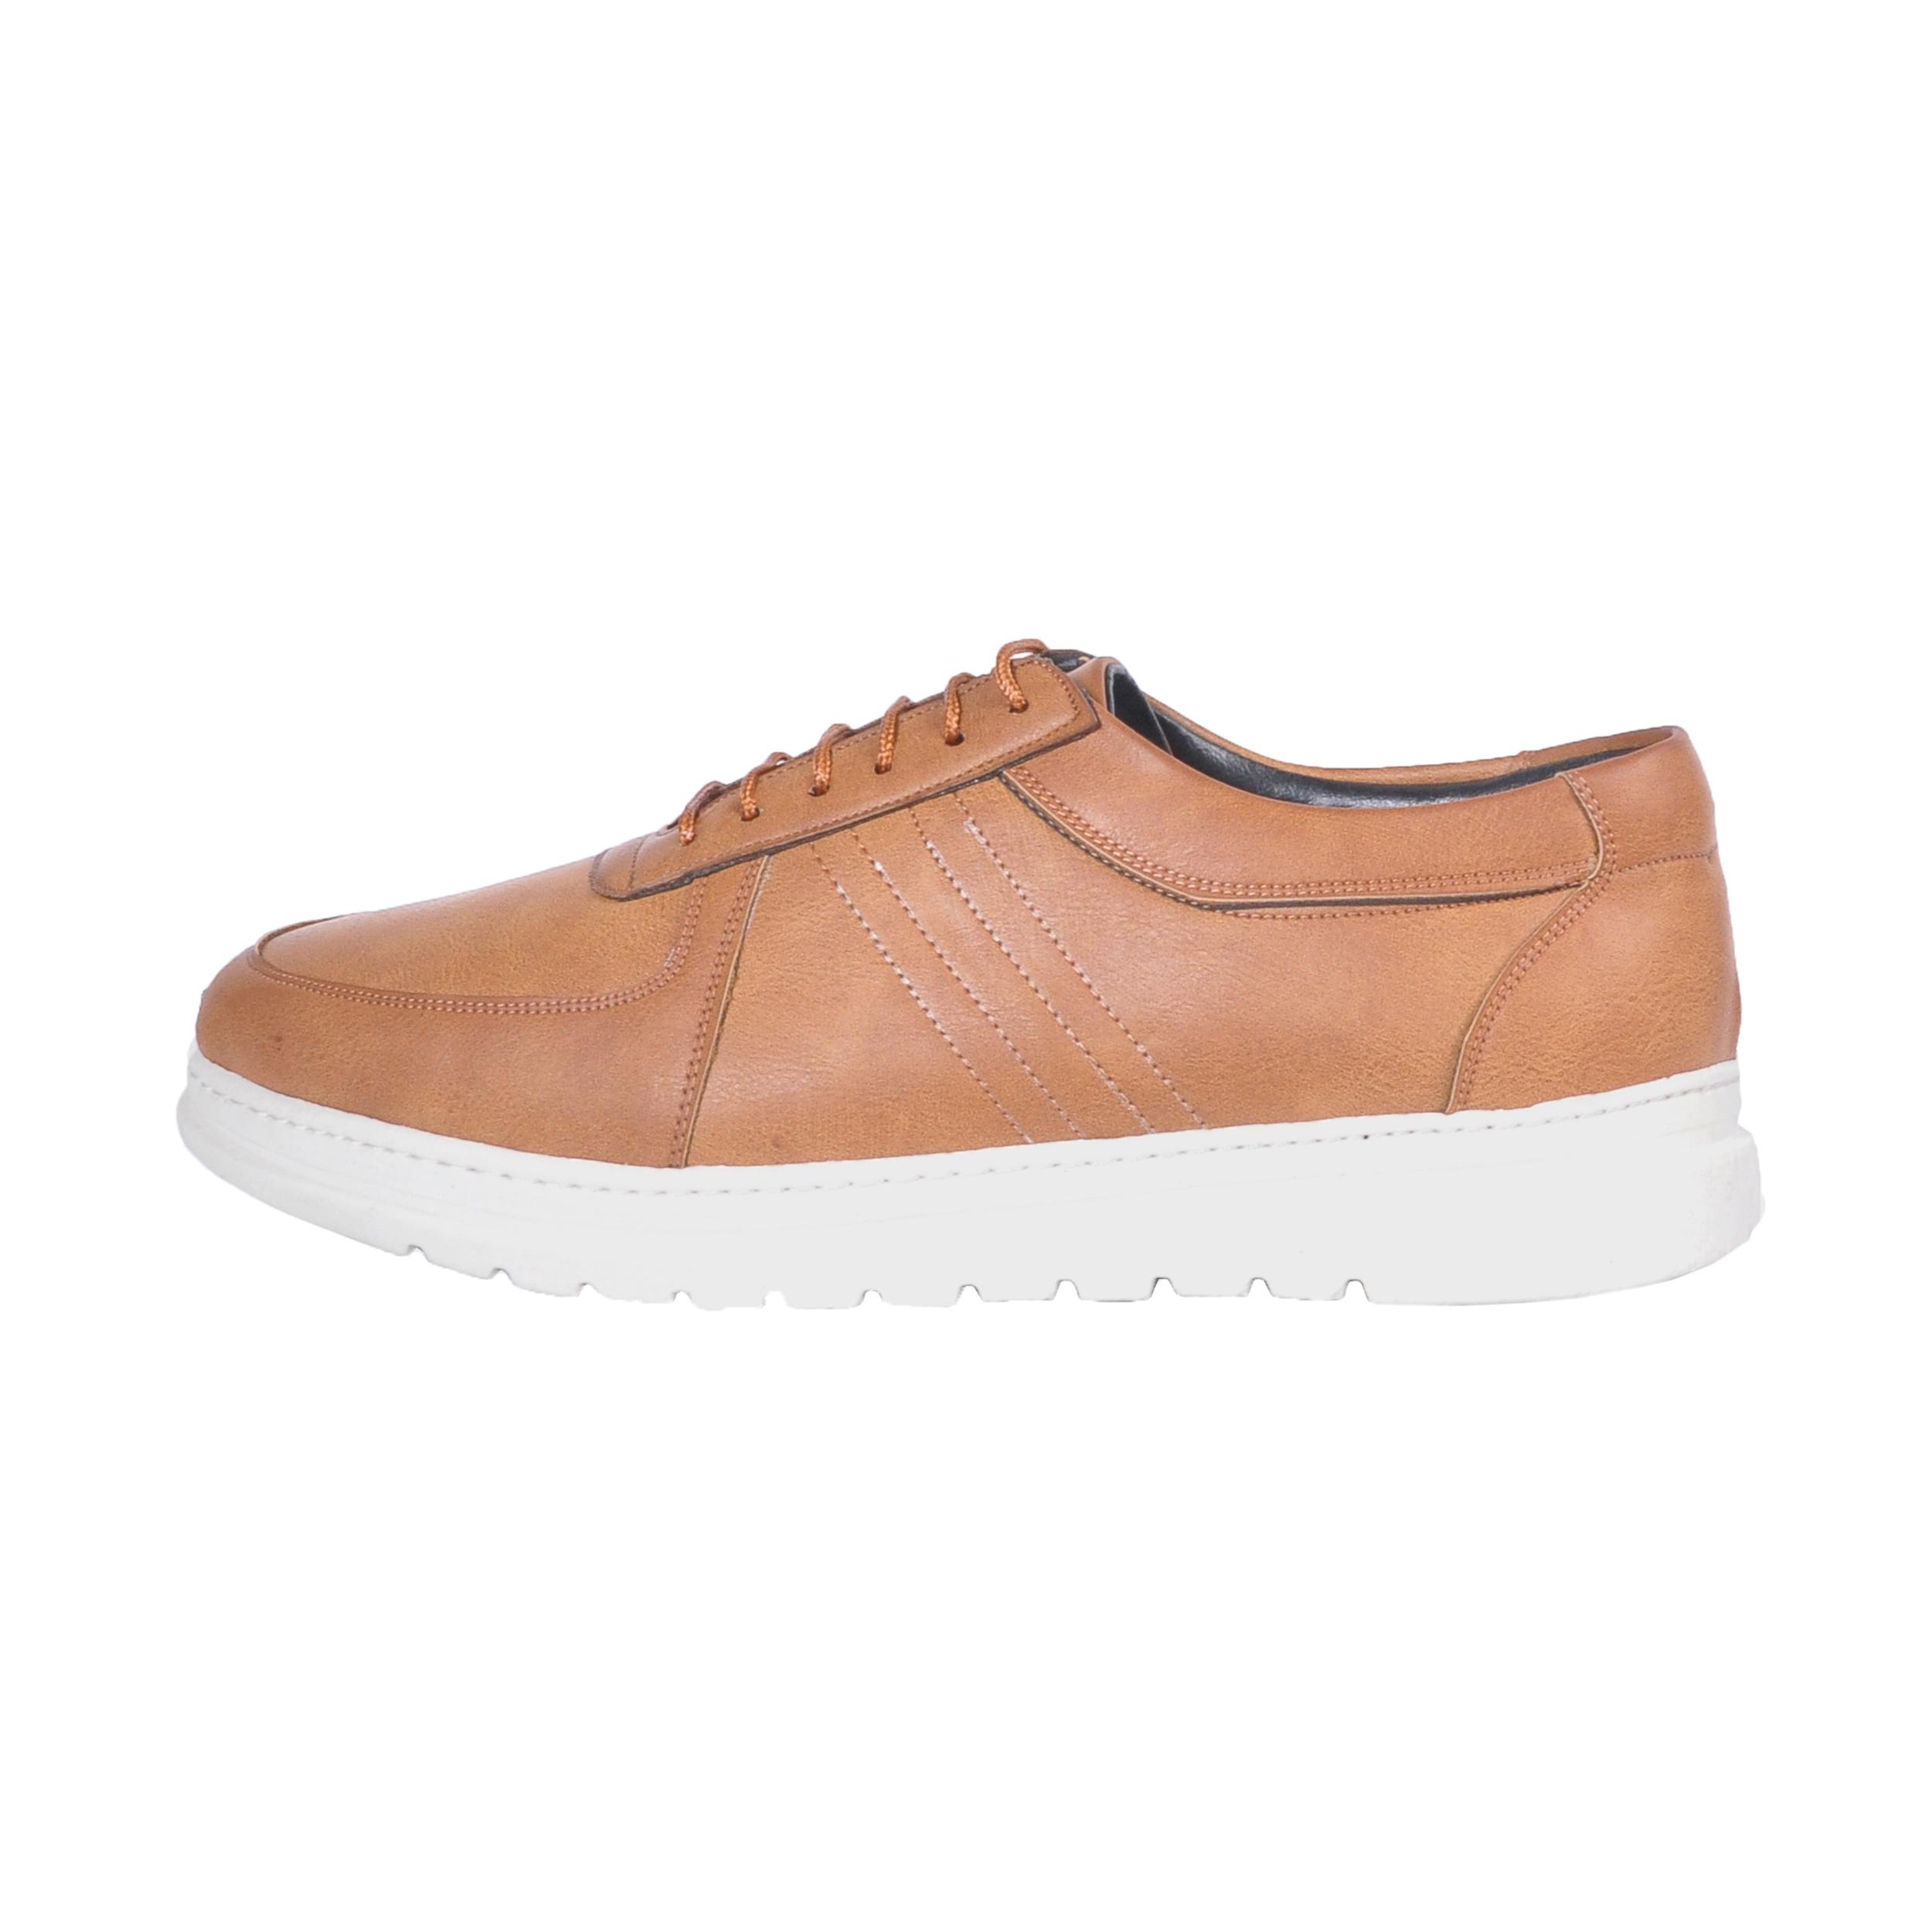 کفش روزمره مردانه مدل فلوترm1